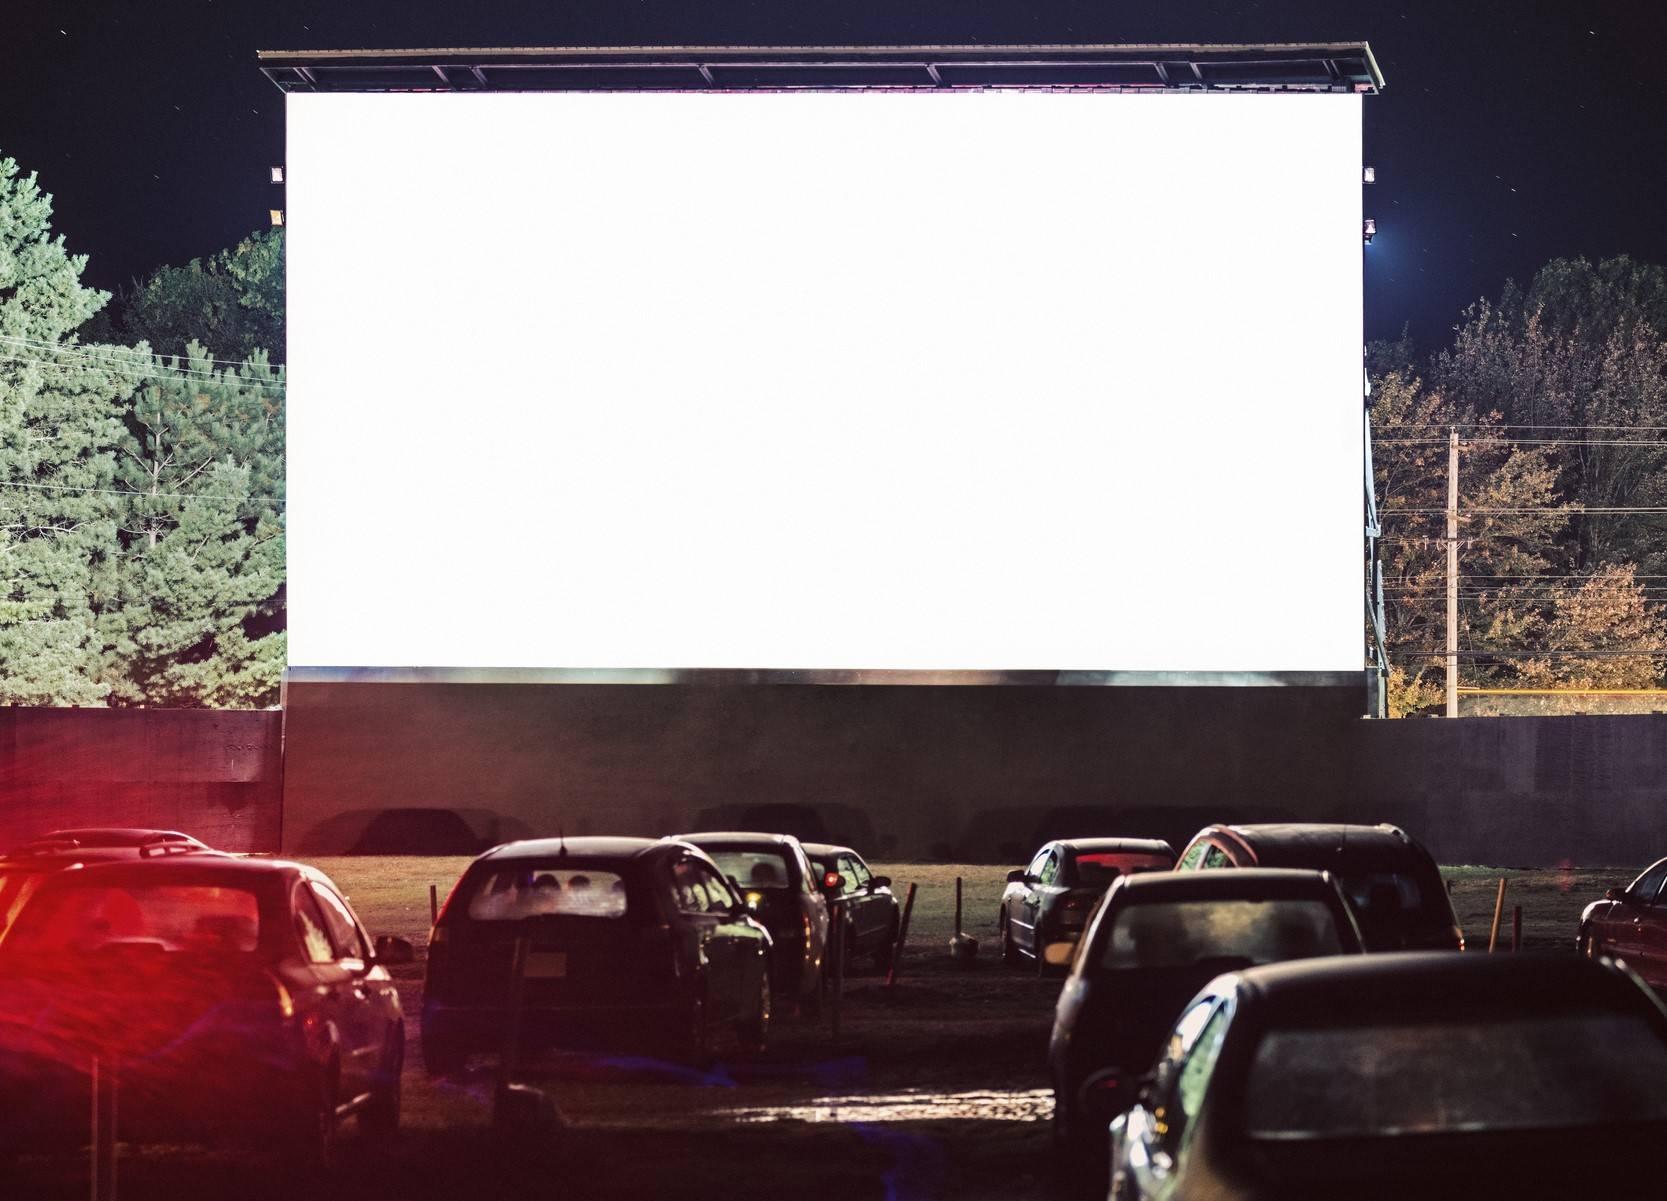 www.juicysantos.com.br - cinema drive-in no litoral plaza